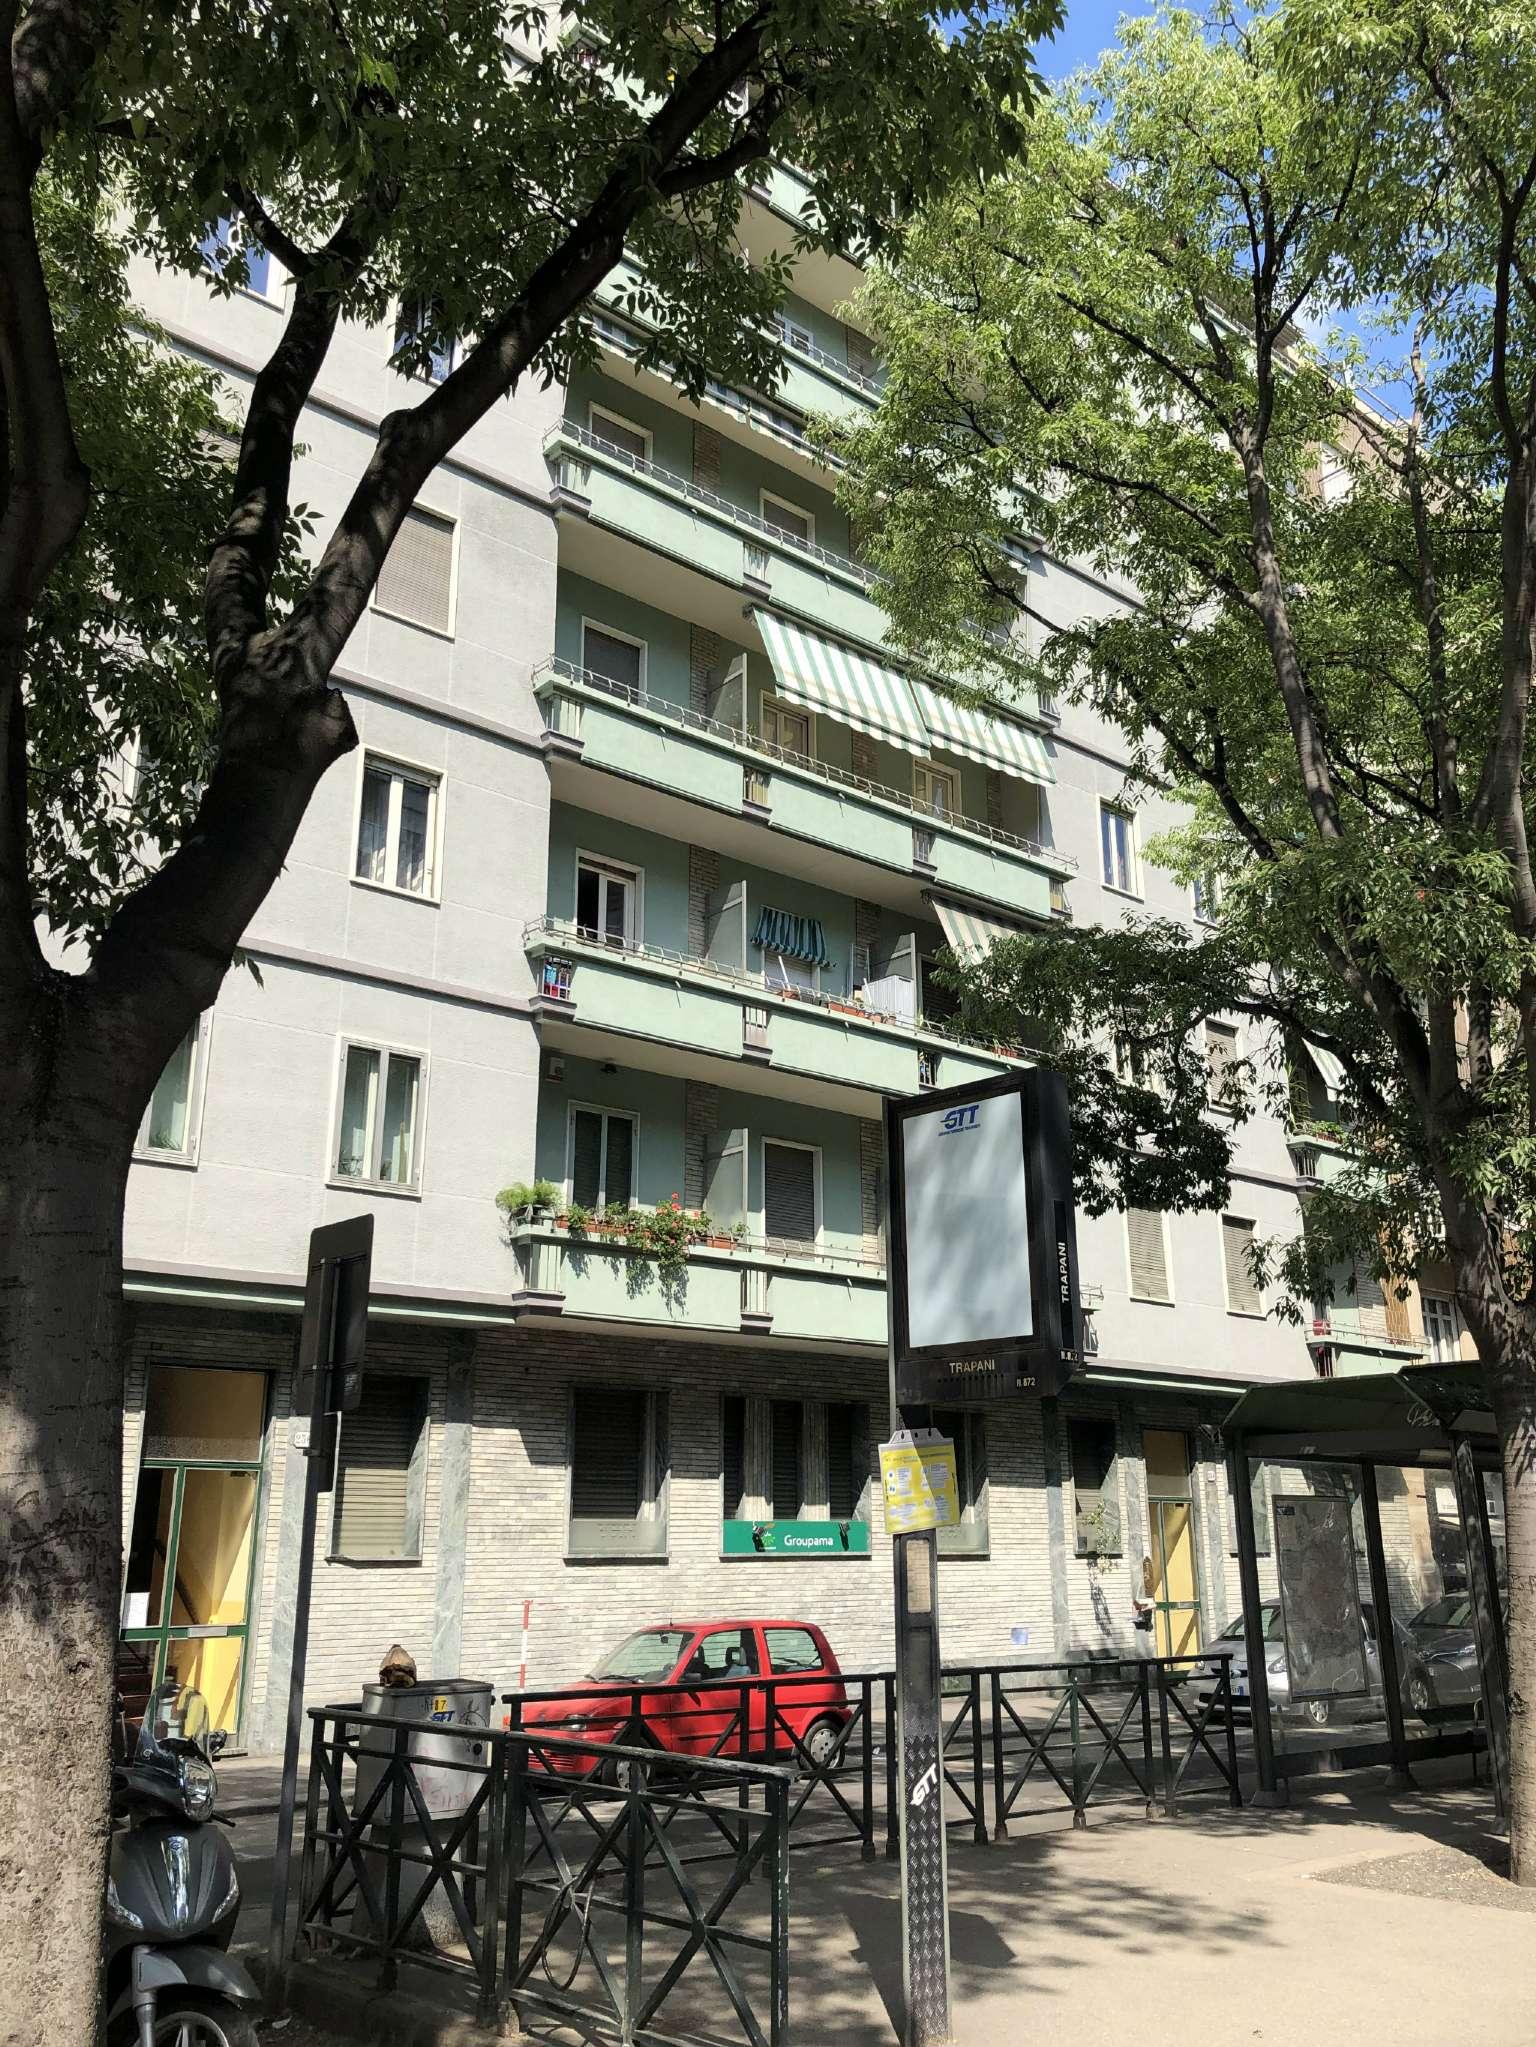 Affitto - Appartamento - Torino - PER STUDENTI COMODISSIMO POLITECNICO